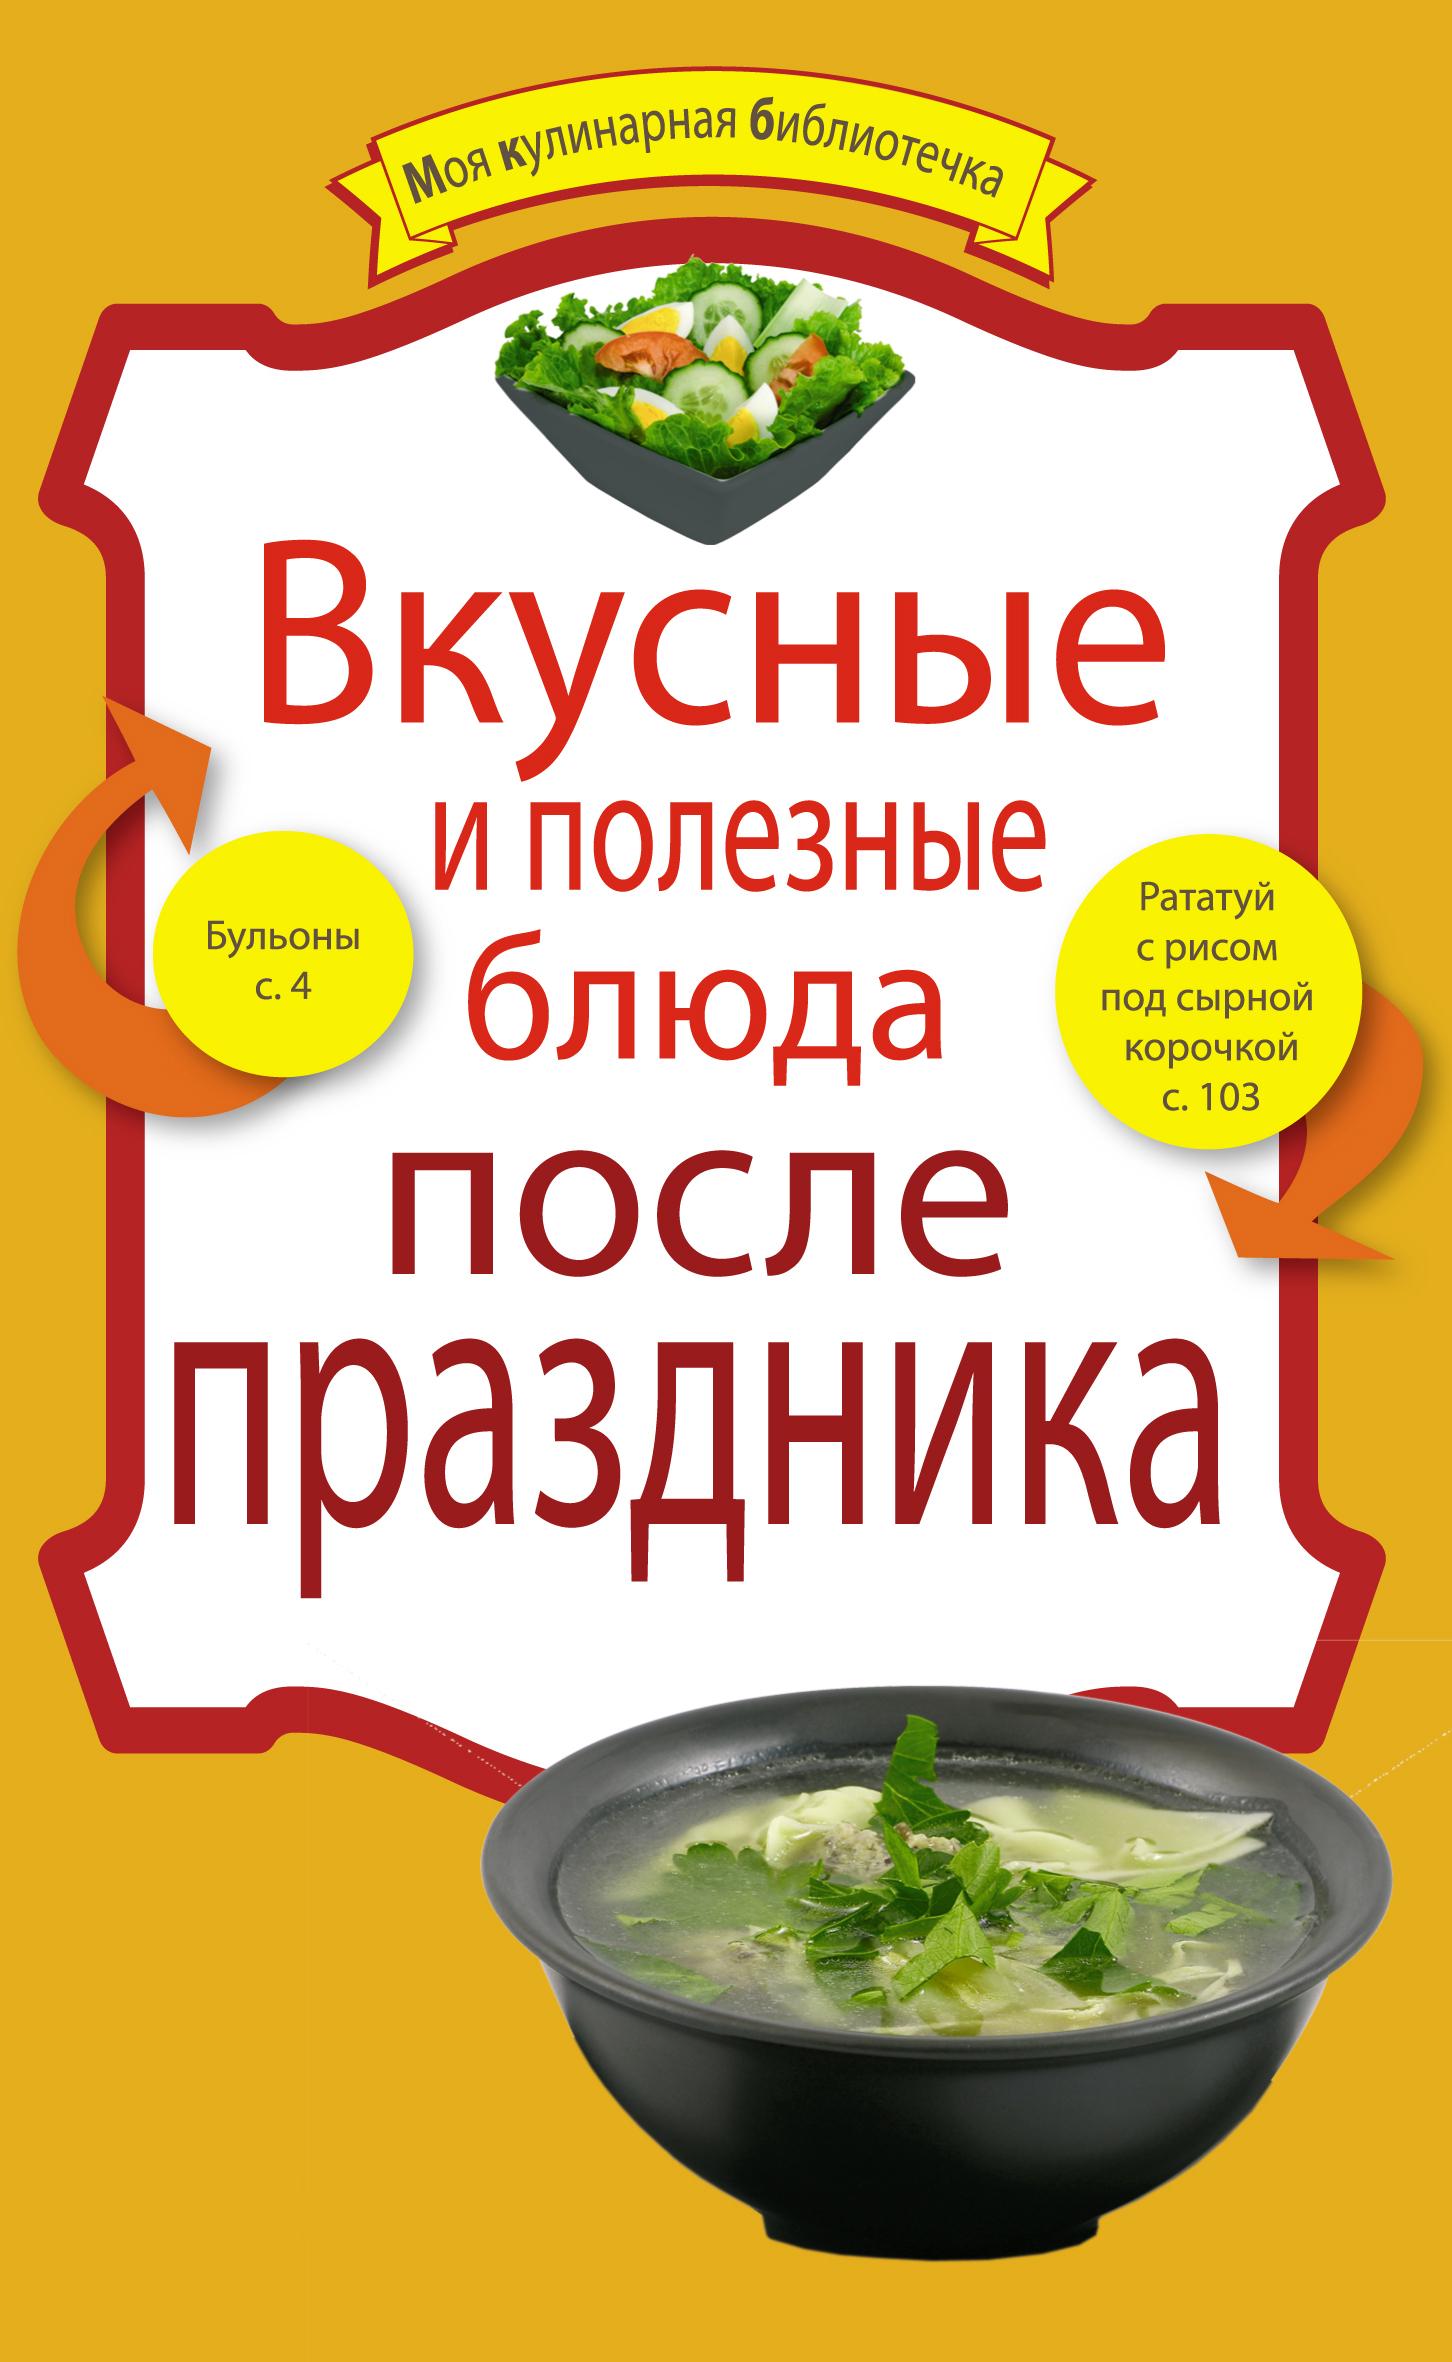 Вкусные и полезные блюда после праздника солнечная м кулинария без холестерина вкусные и полезные блюда на каждый день